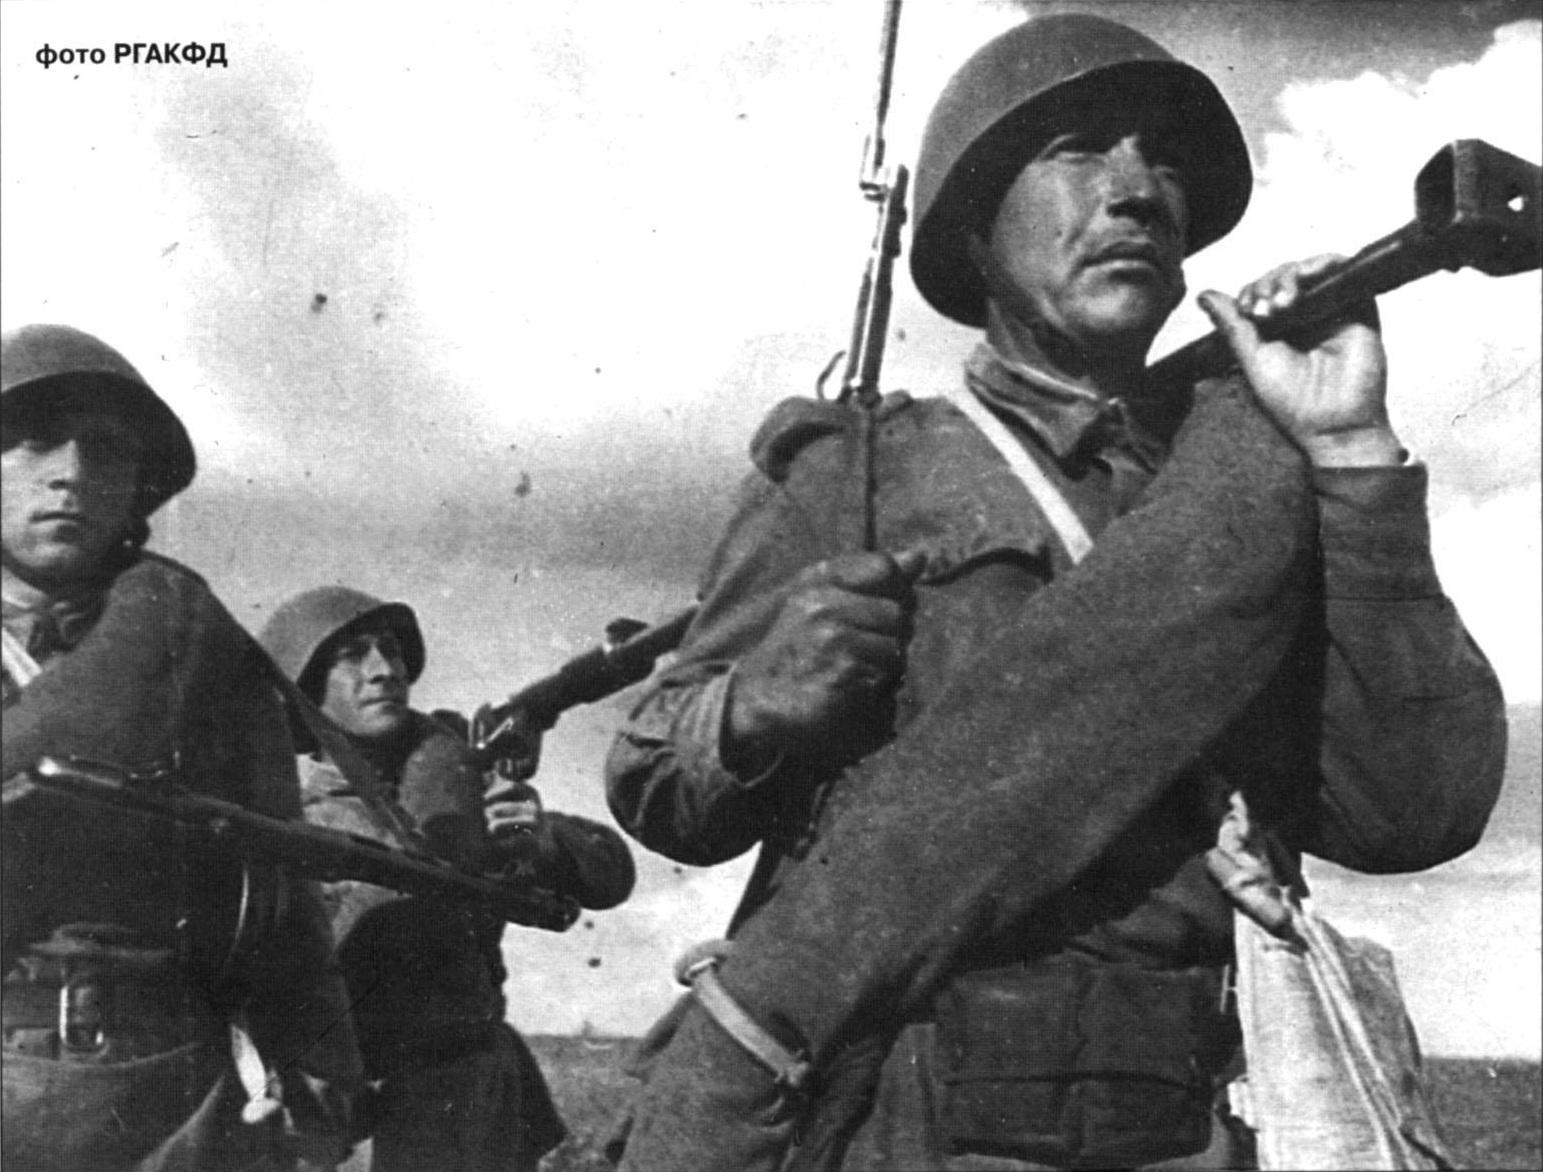 фото с ПТРД, 1943 г.